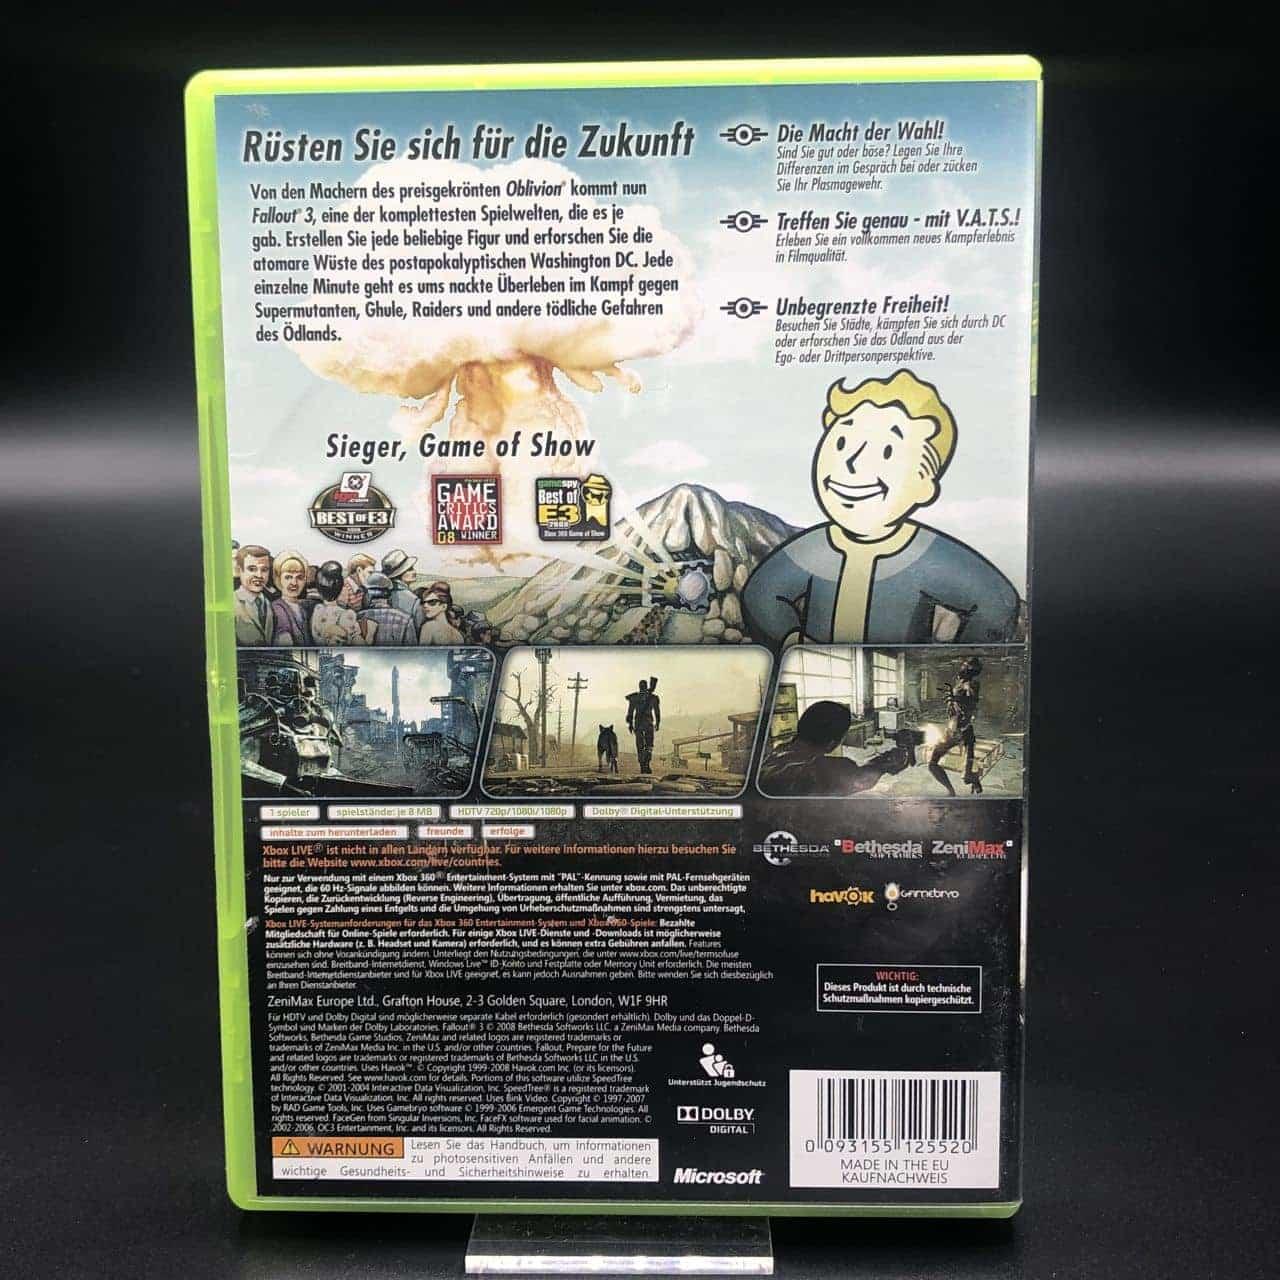 Fallout 3 (Sehr gut) (Komplett) Xbox 360 (FSK18)